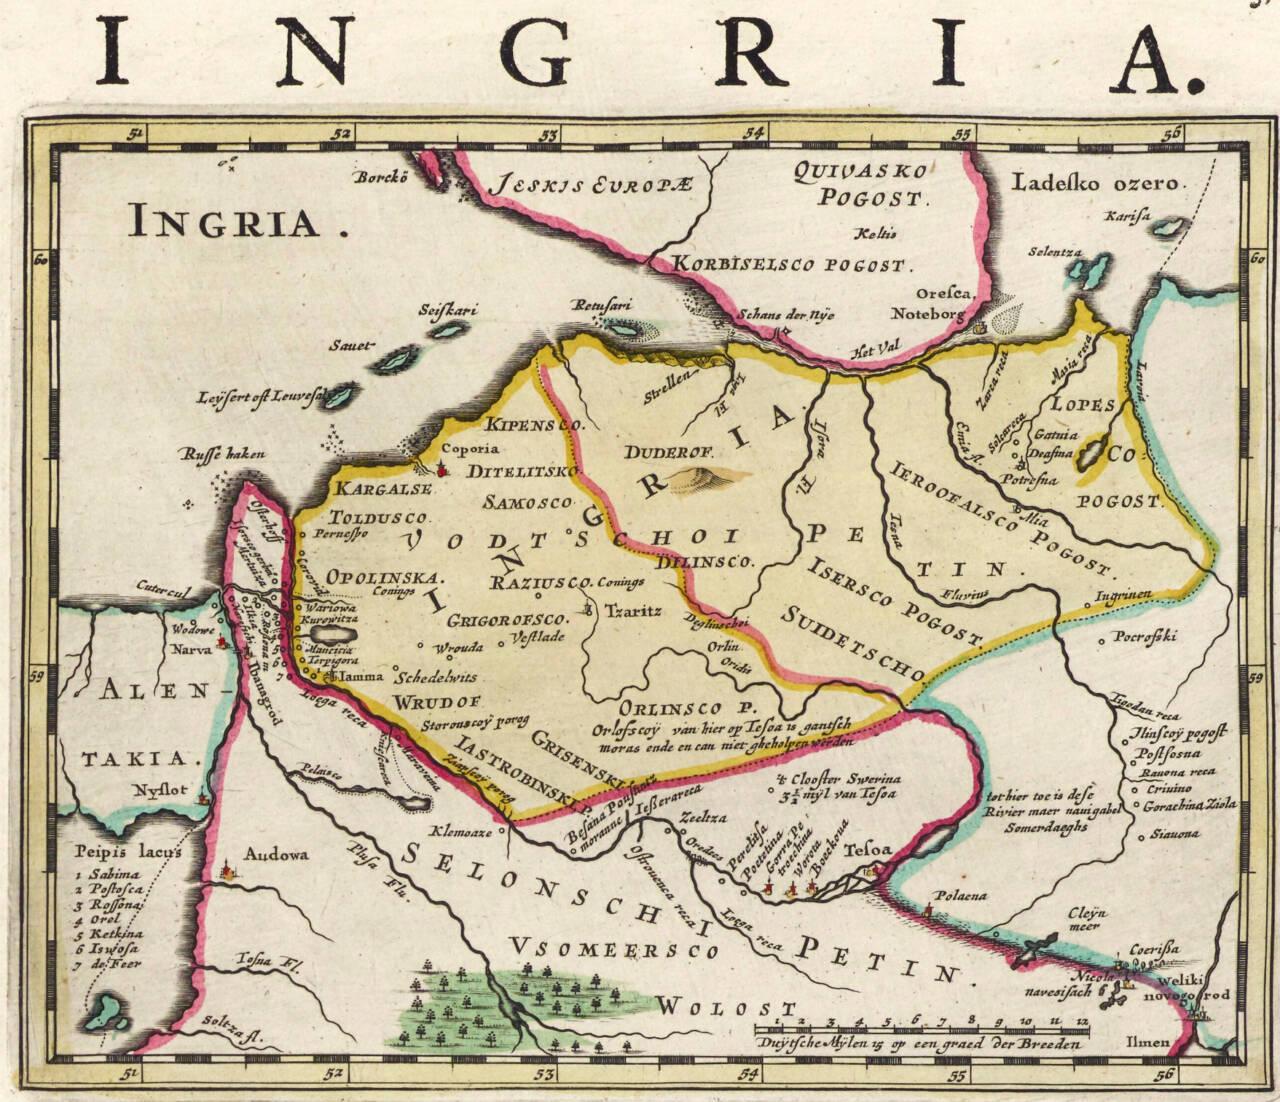 масонская литература карта Ингрии